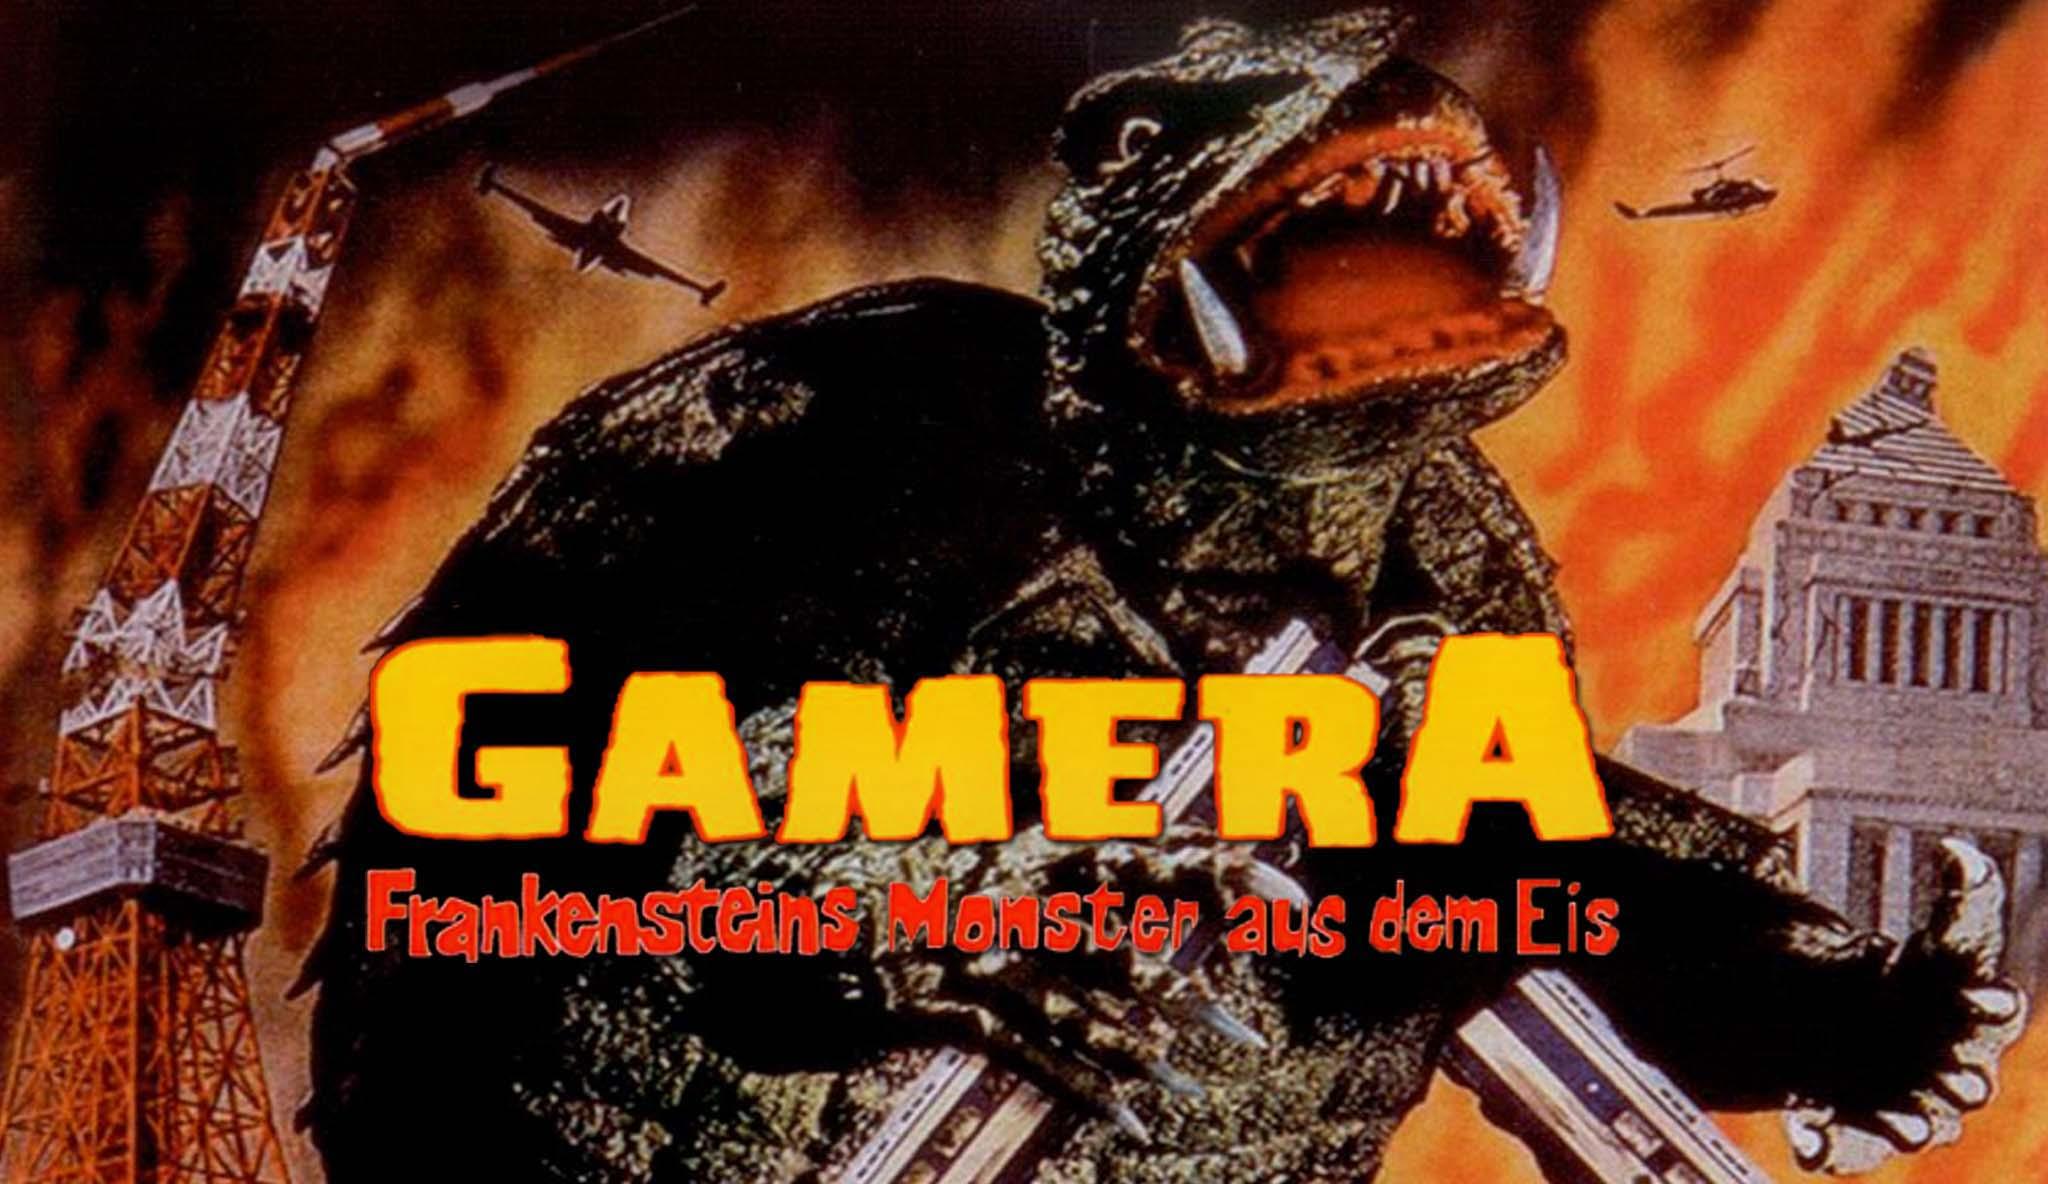 gamera-frankensteins-monster-aus-dem-eis\widescreen.jpg